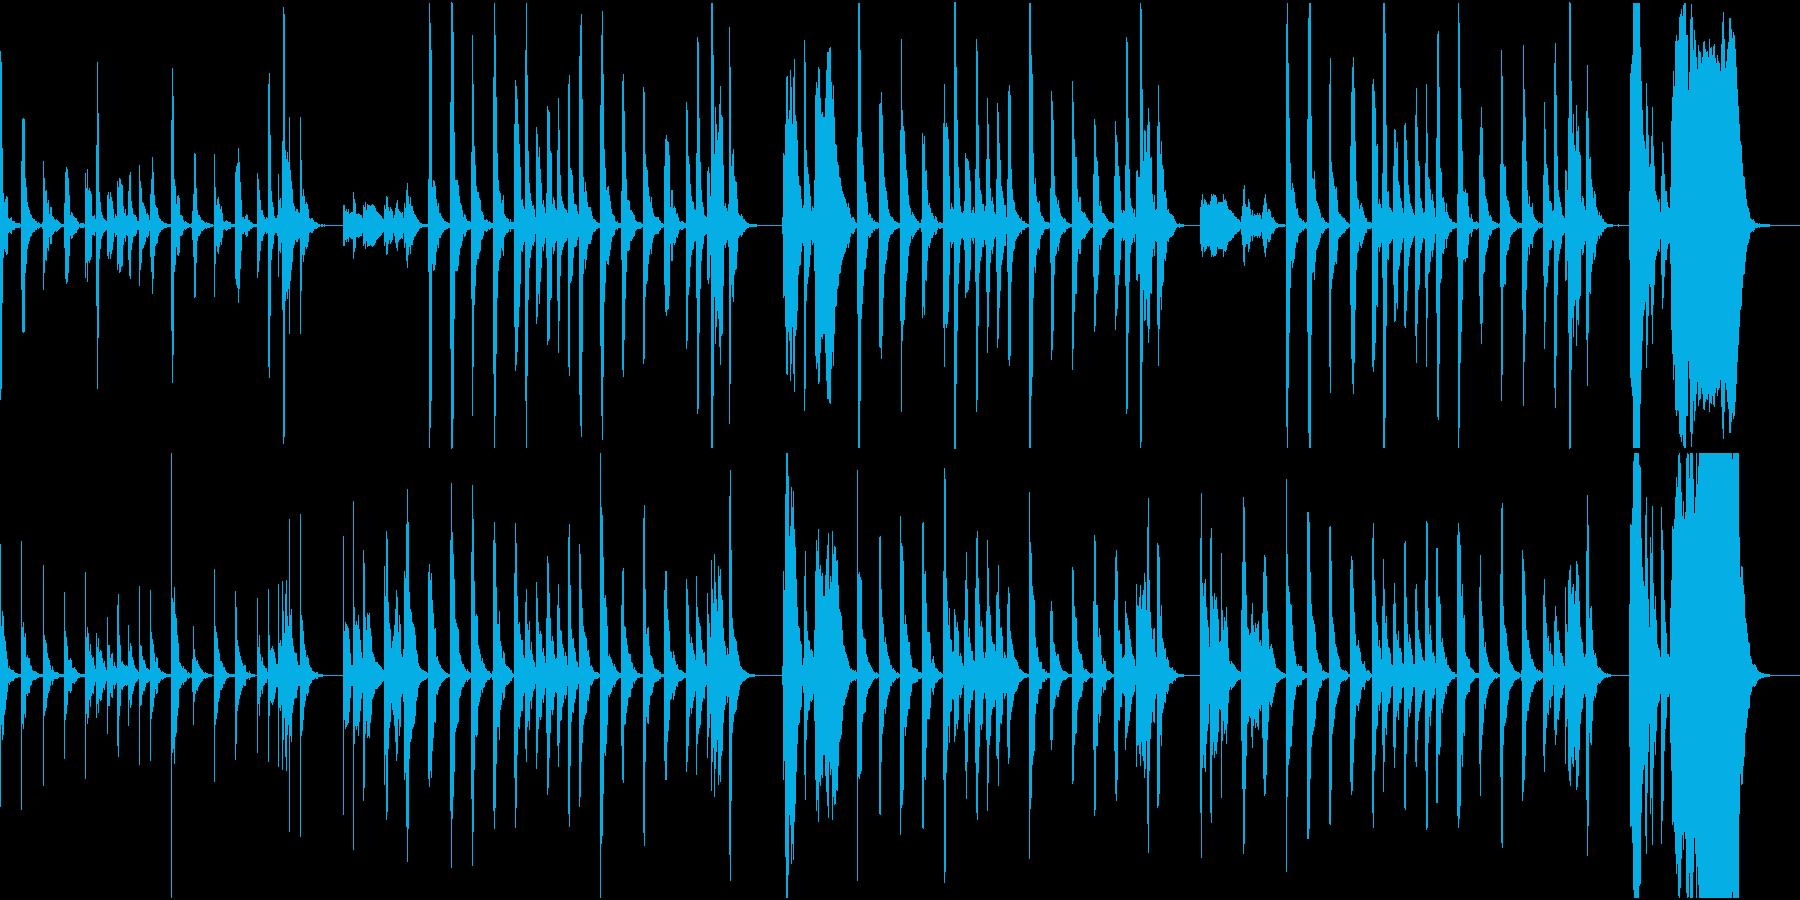 木管楽器のコミカル曲の再生済みの波形